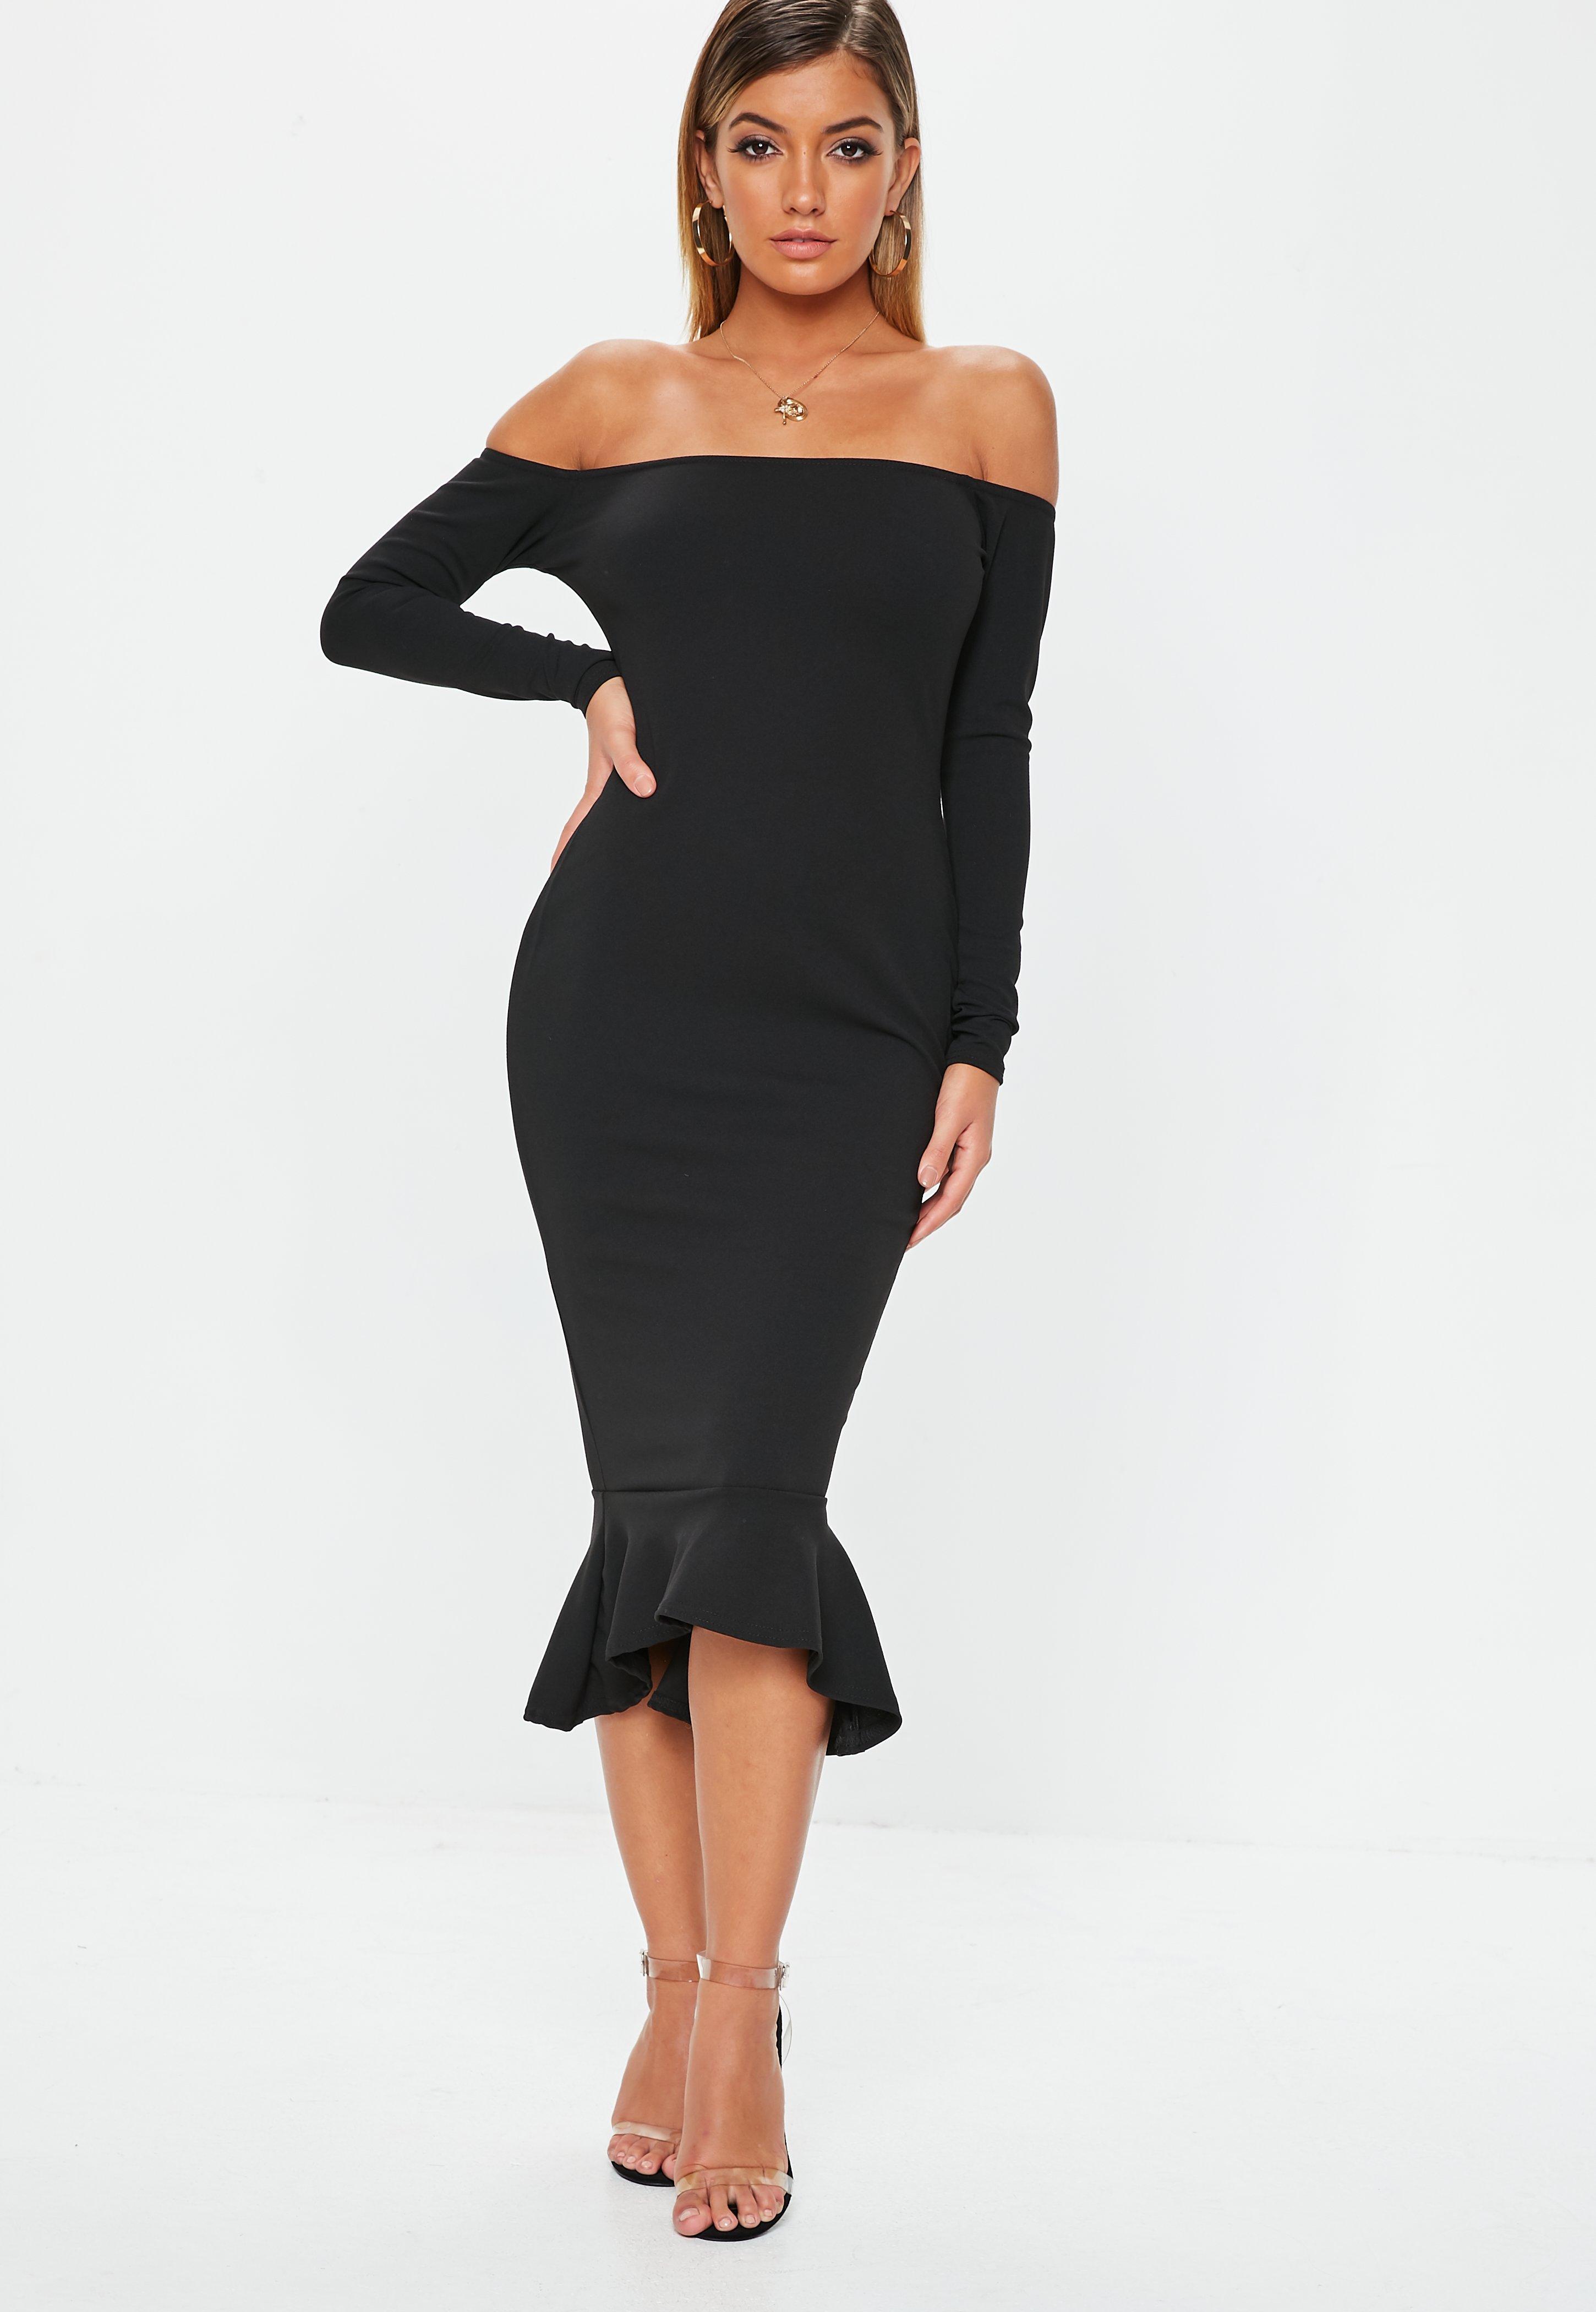 Black Bardot Dresses  762afbb34af3